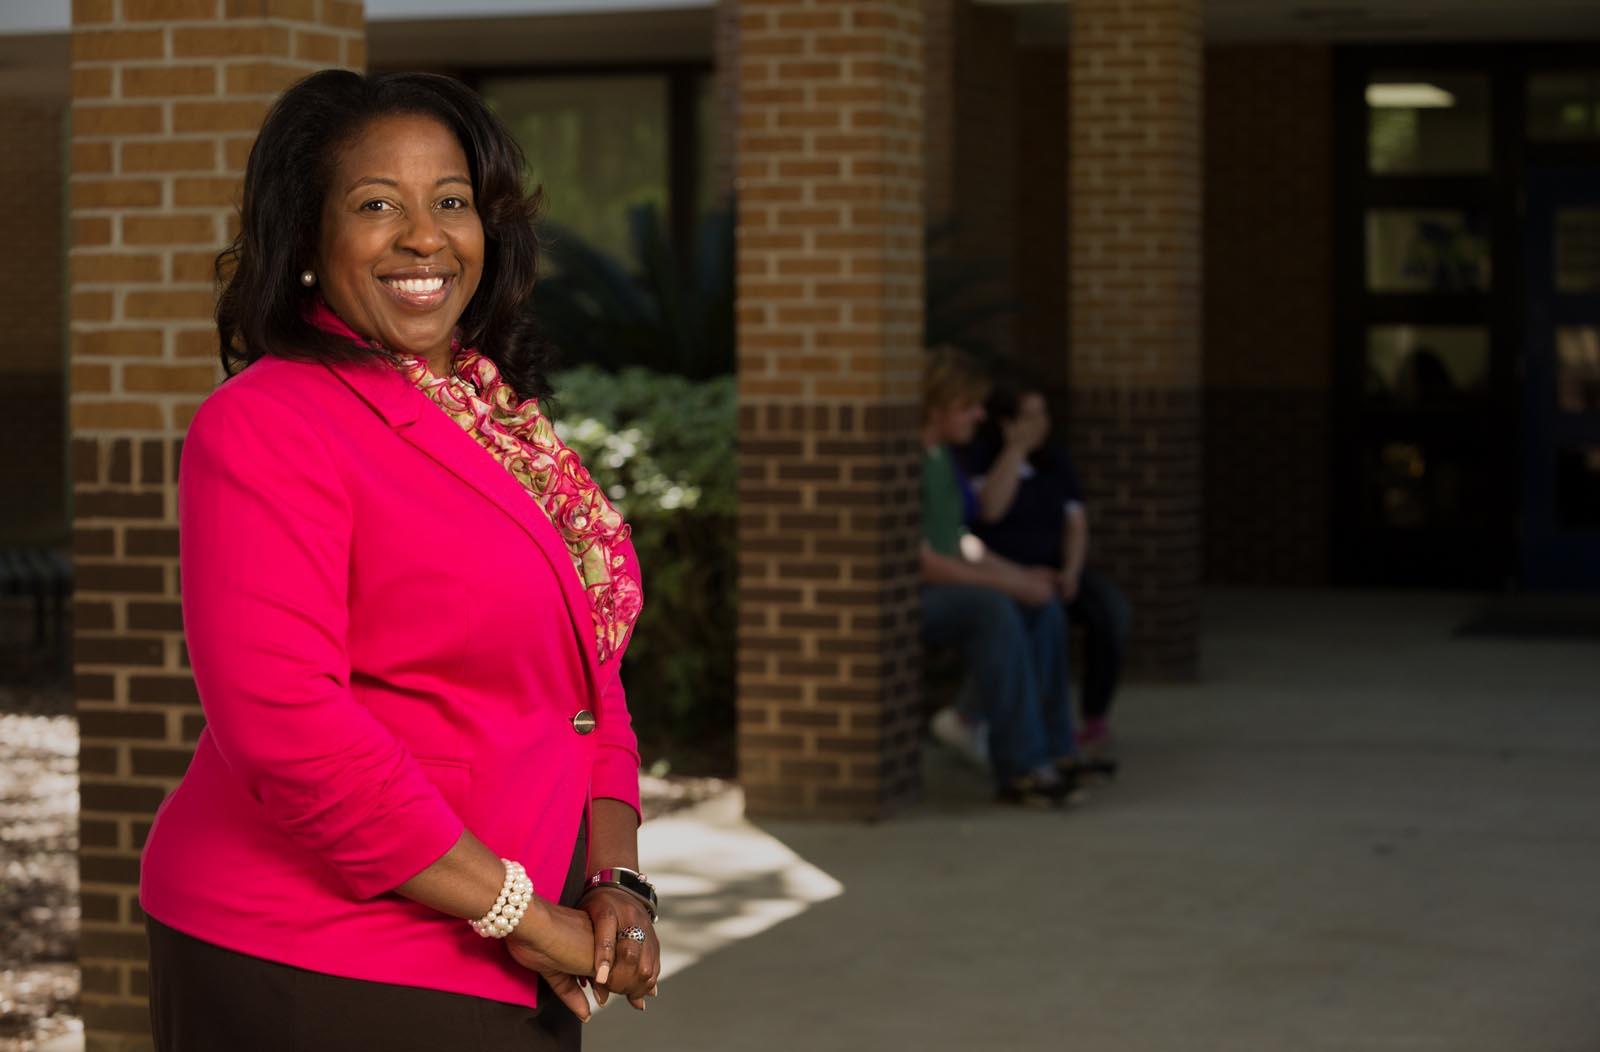 Regina Browning in front of school